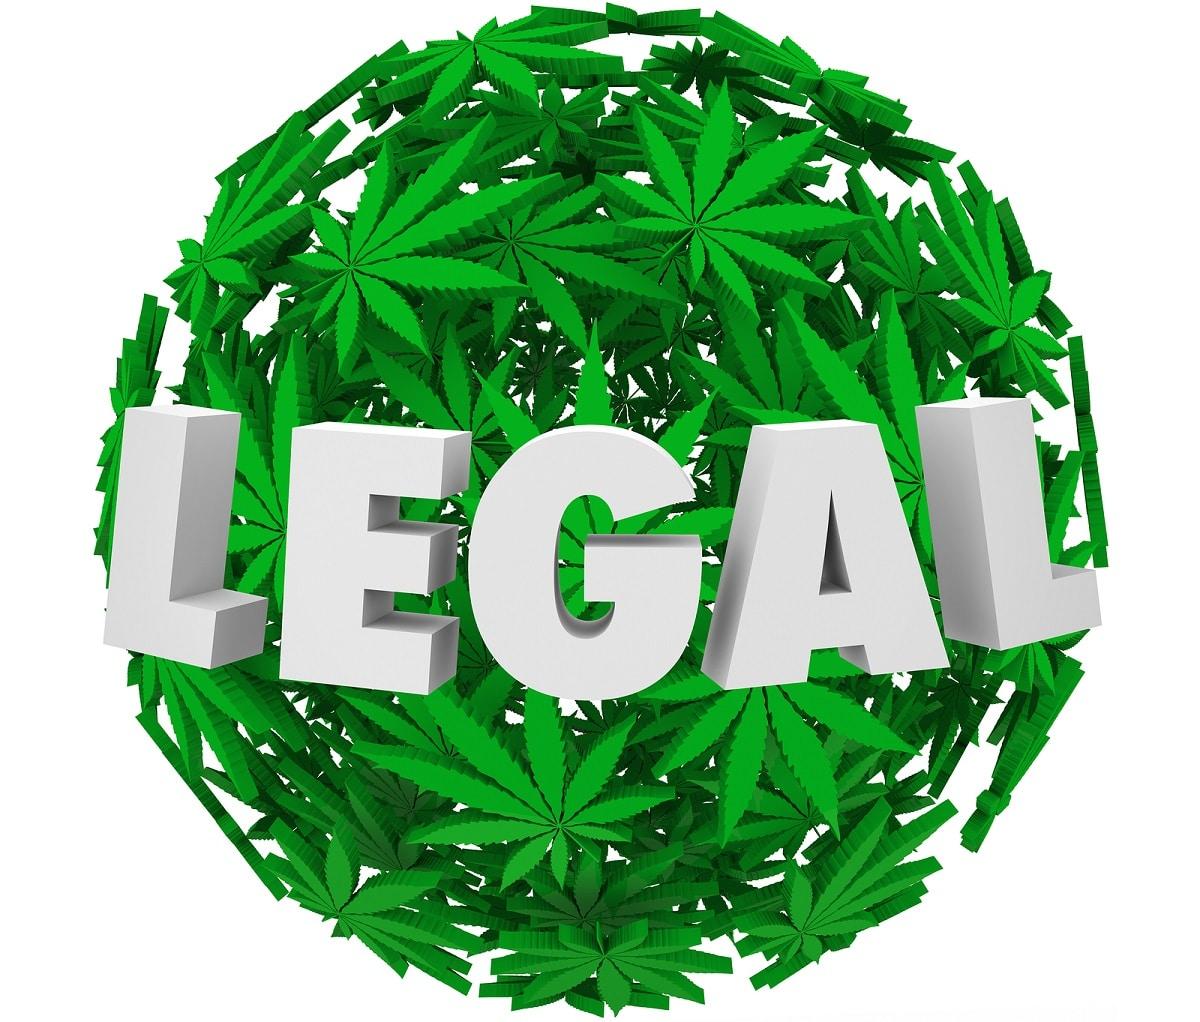 Movimiento De Legalizaci 243 N De La Marihuana Declara